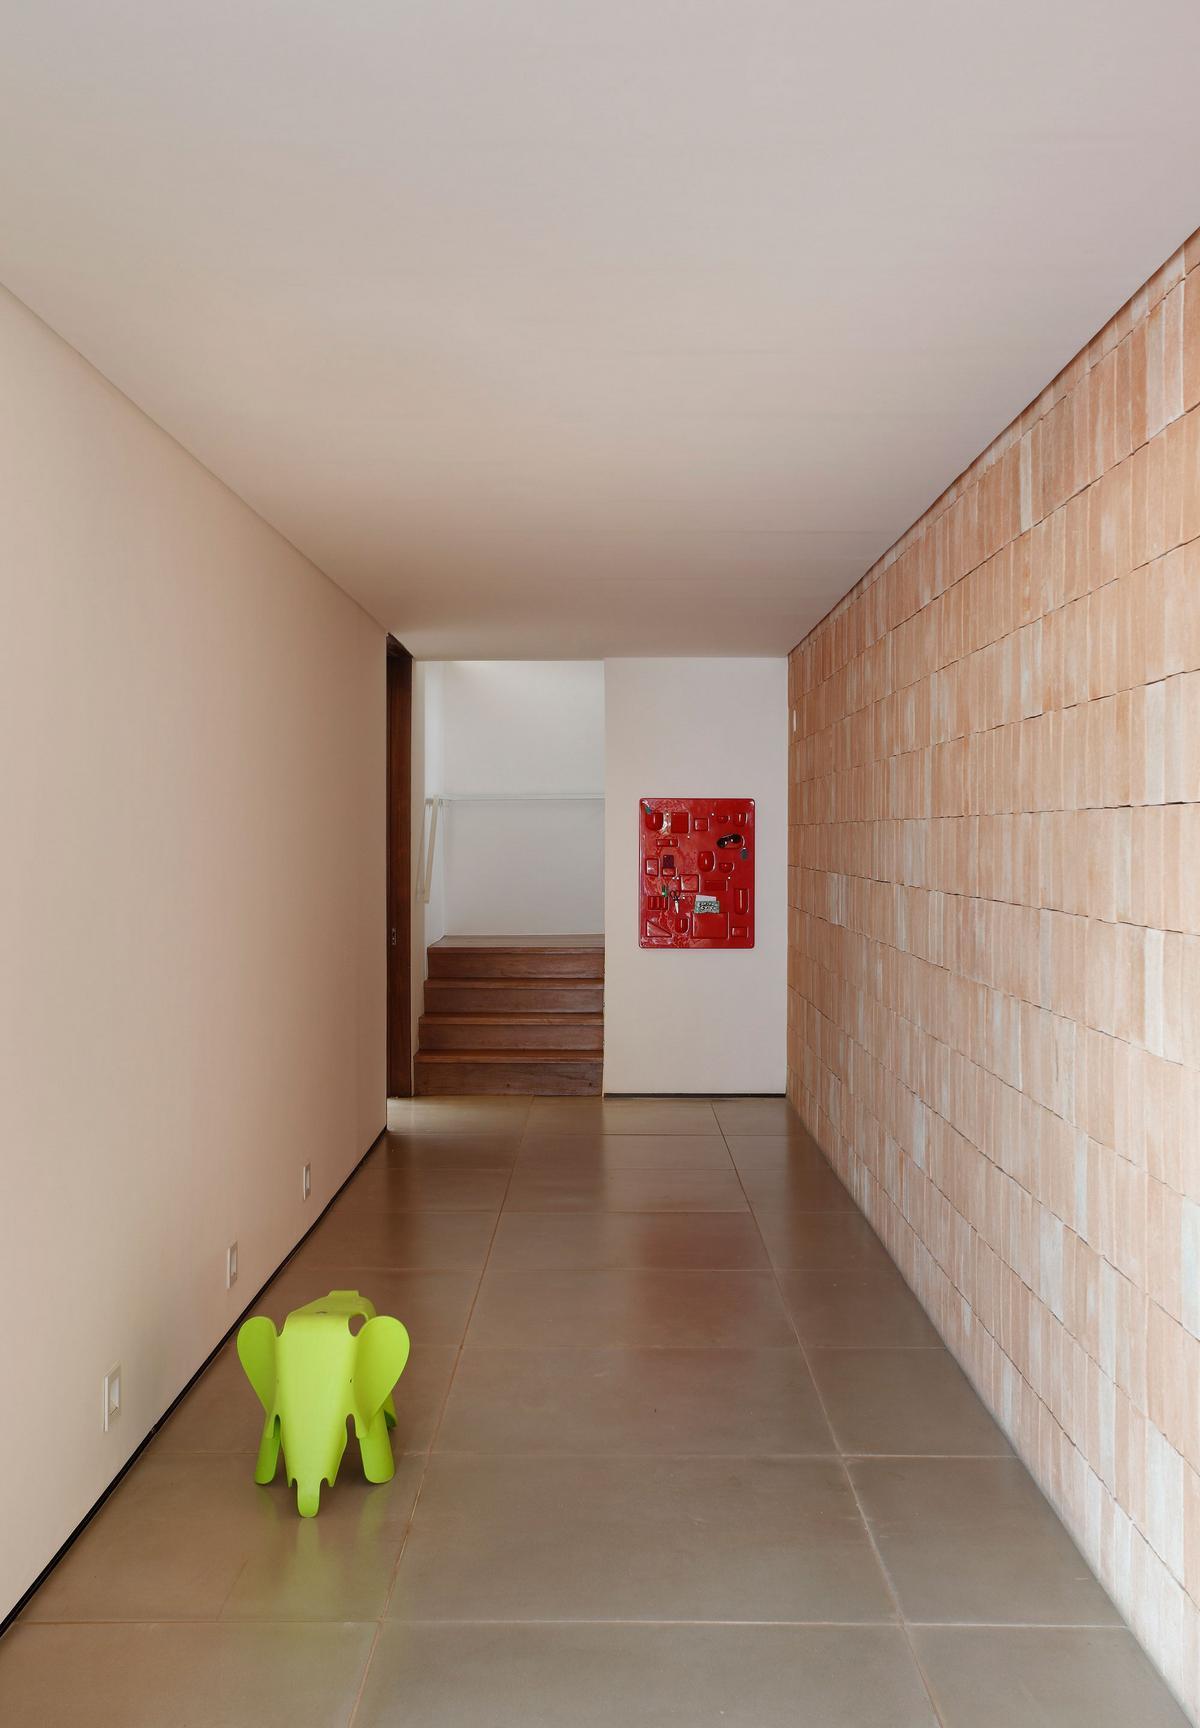 BT House, Studio Guilherme Torres, частный дом из бетона, деревянный фасад дома, дом в Сан-Паулу, особняк в Бразилии, горизонтальный дом